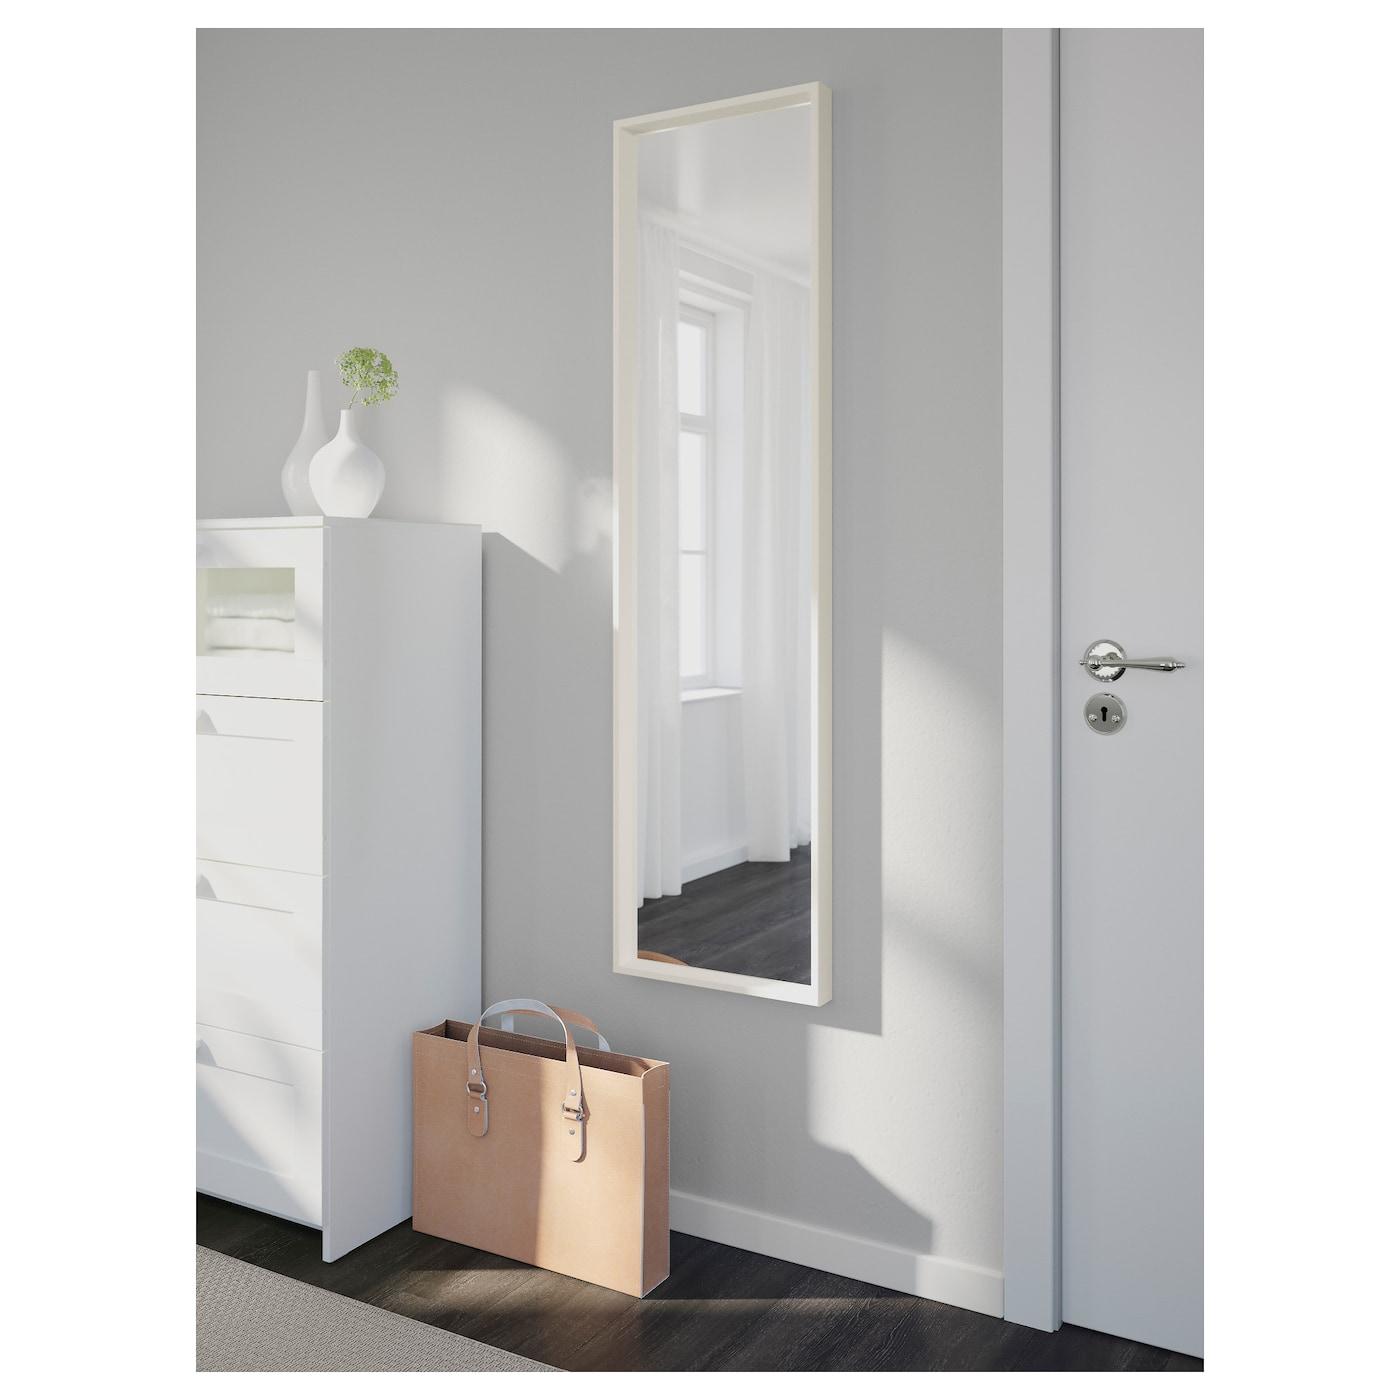 Nissedal espejo blanco 40 x 150 cm ikea - Espejo blanco ikea ...